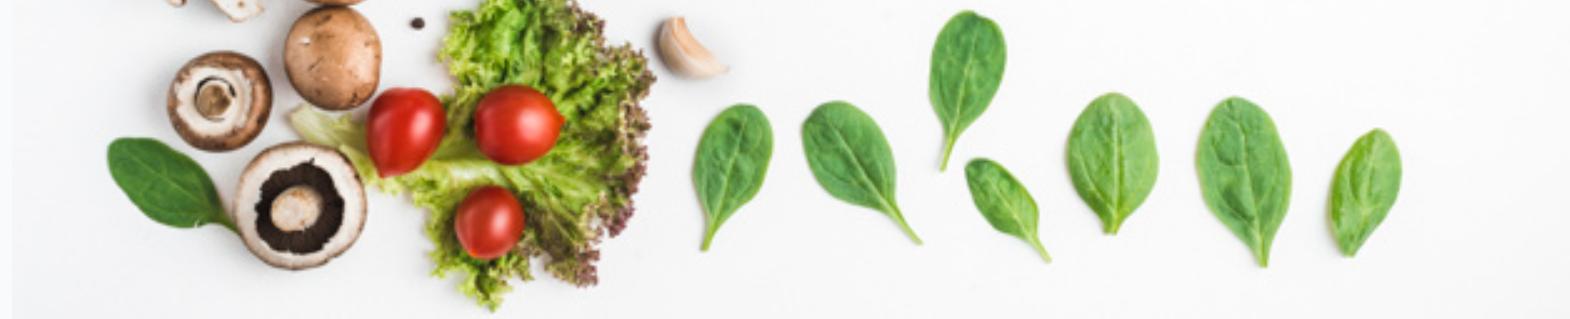 odchudzanie z dietetykiem rzeszów